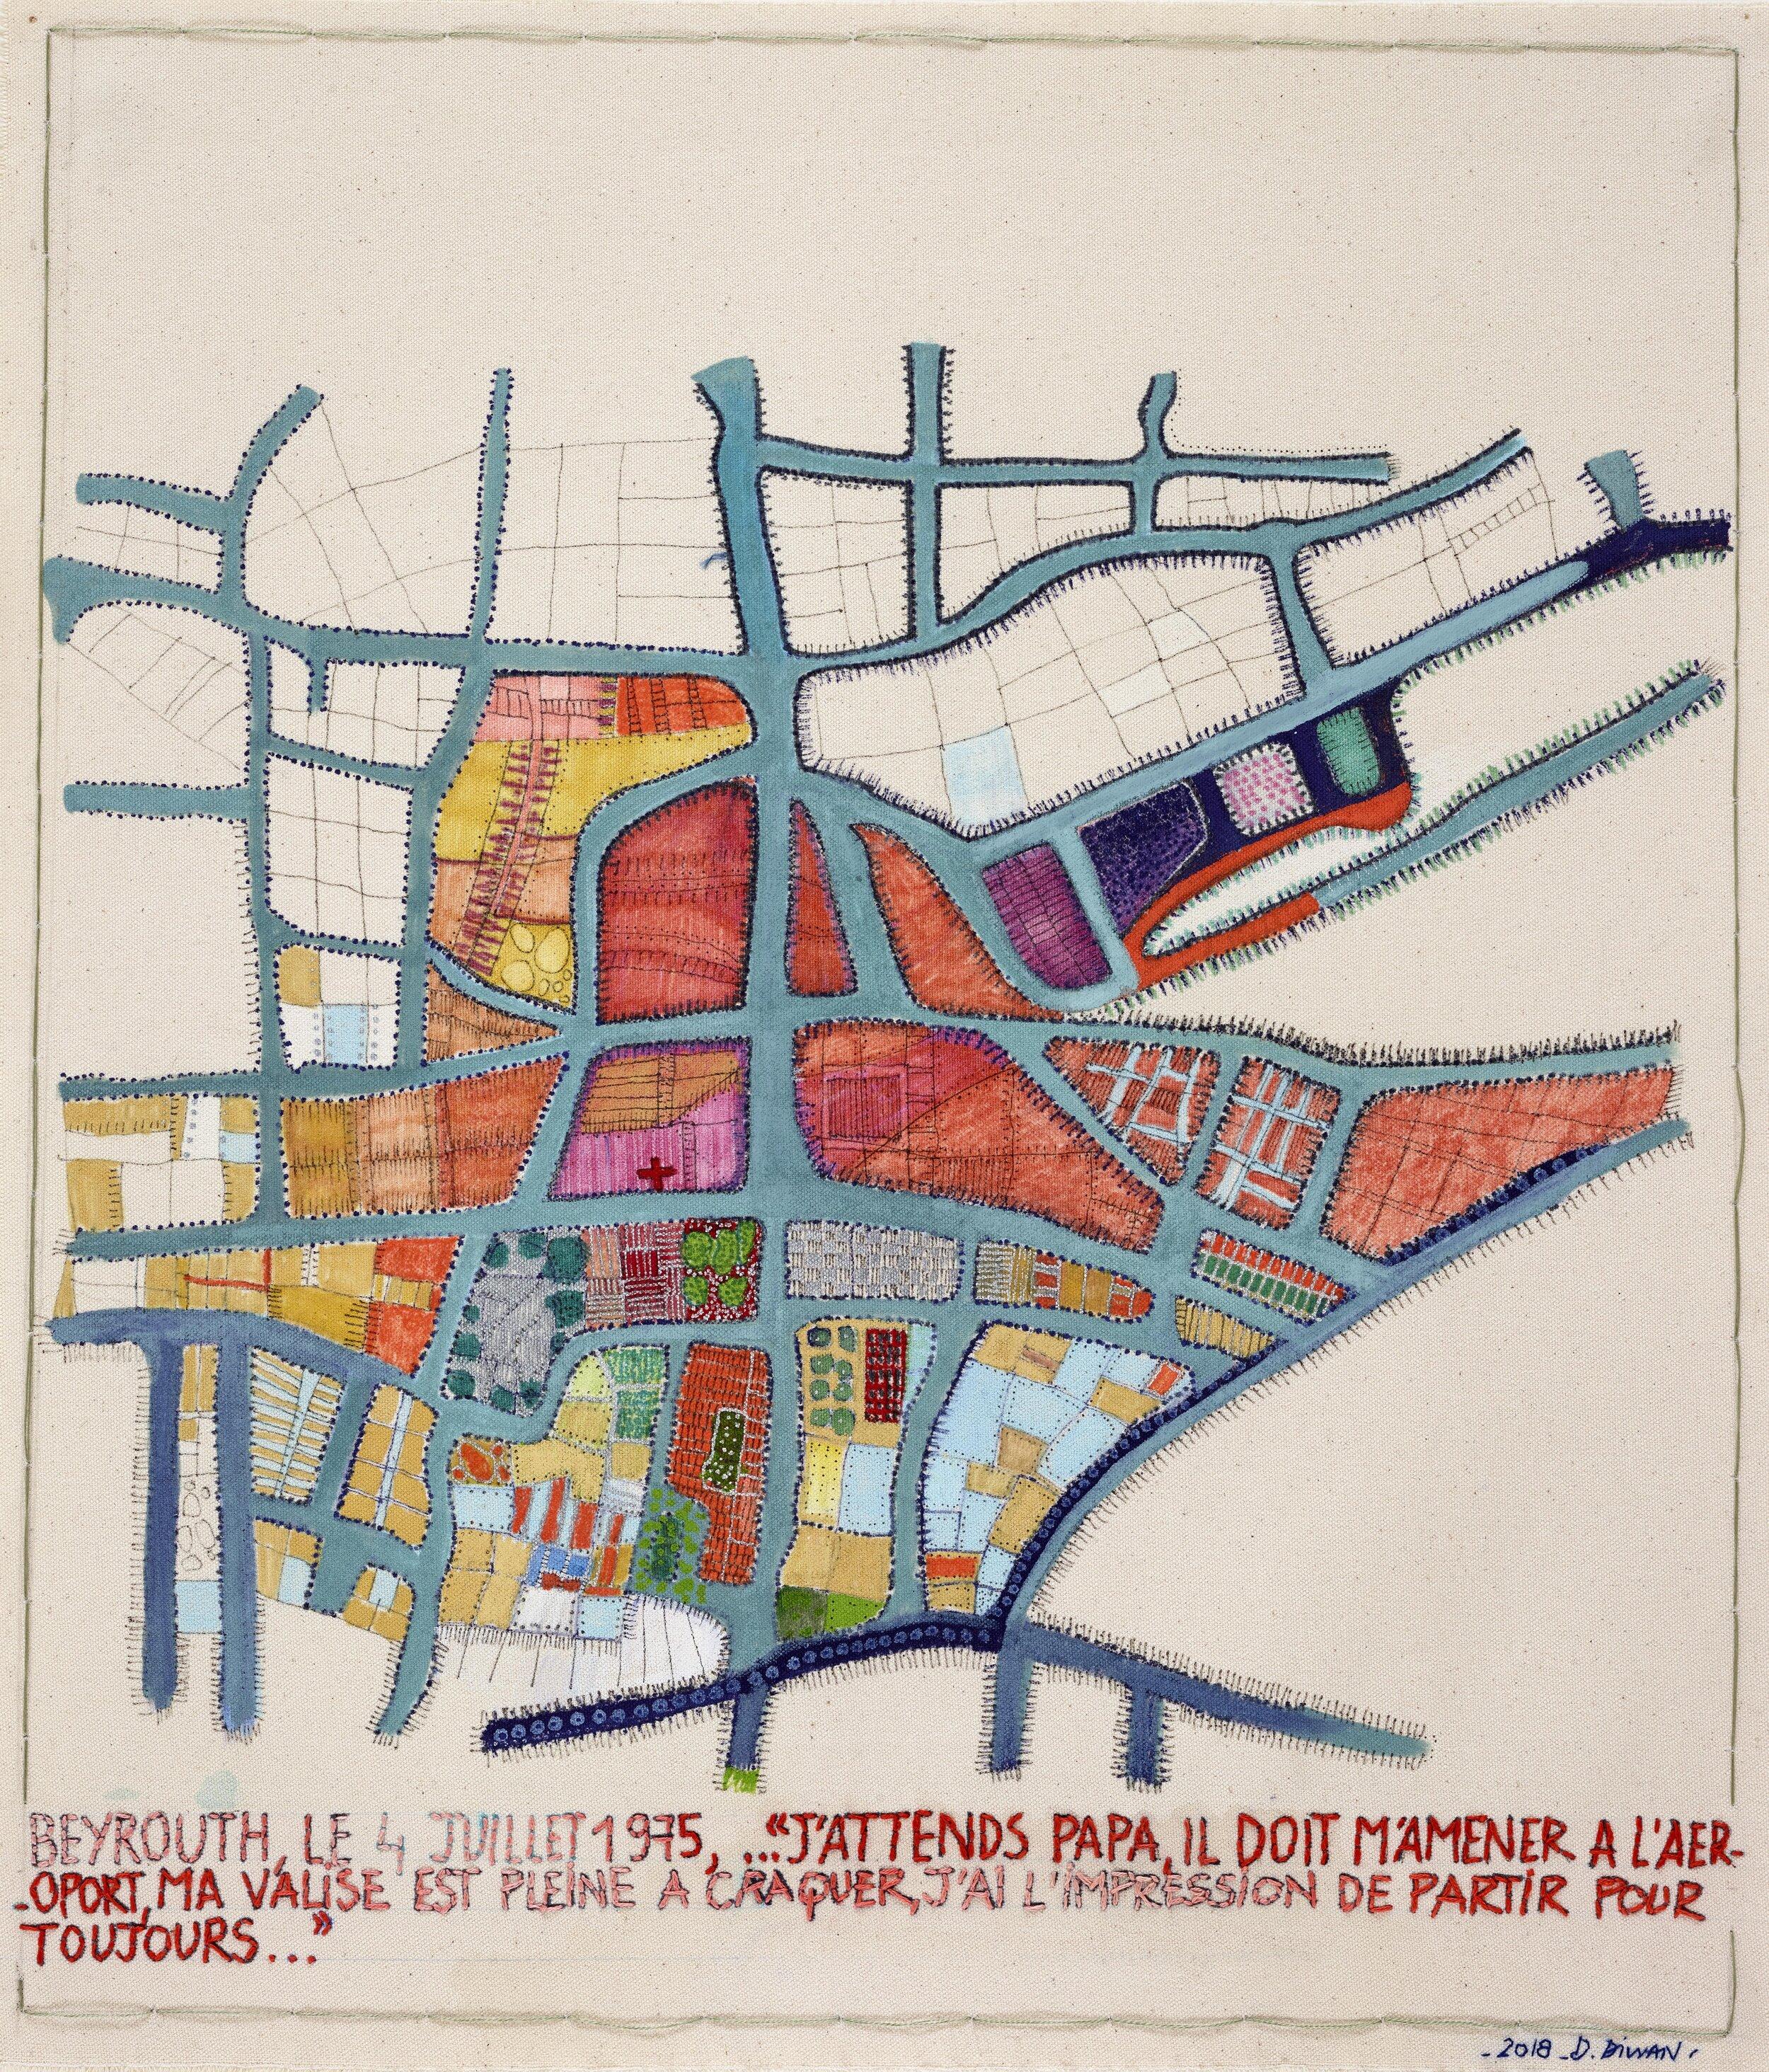 Wandering City 1, Beyrouth le 4 juillet 1975, 2018. Acrylique feutre et broderie sur toile, 46 x 40 cm (18 x 16 in).